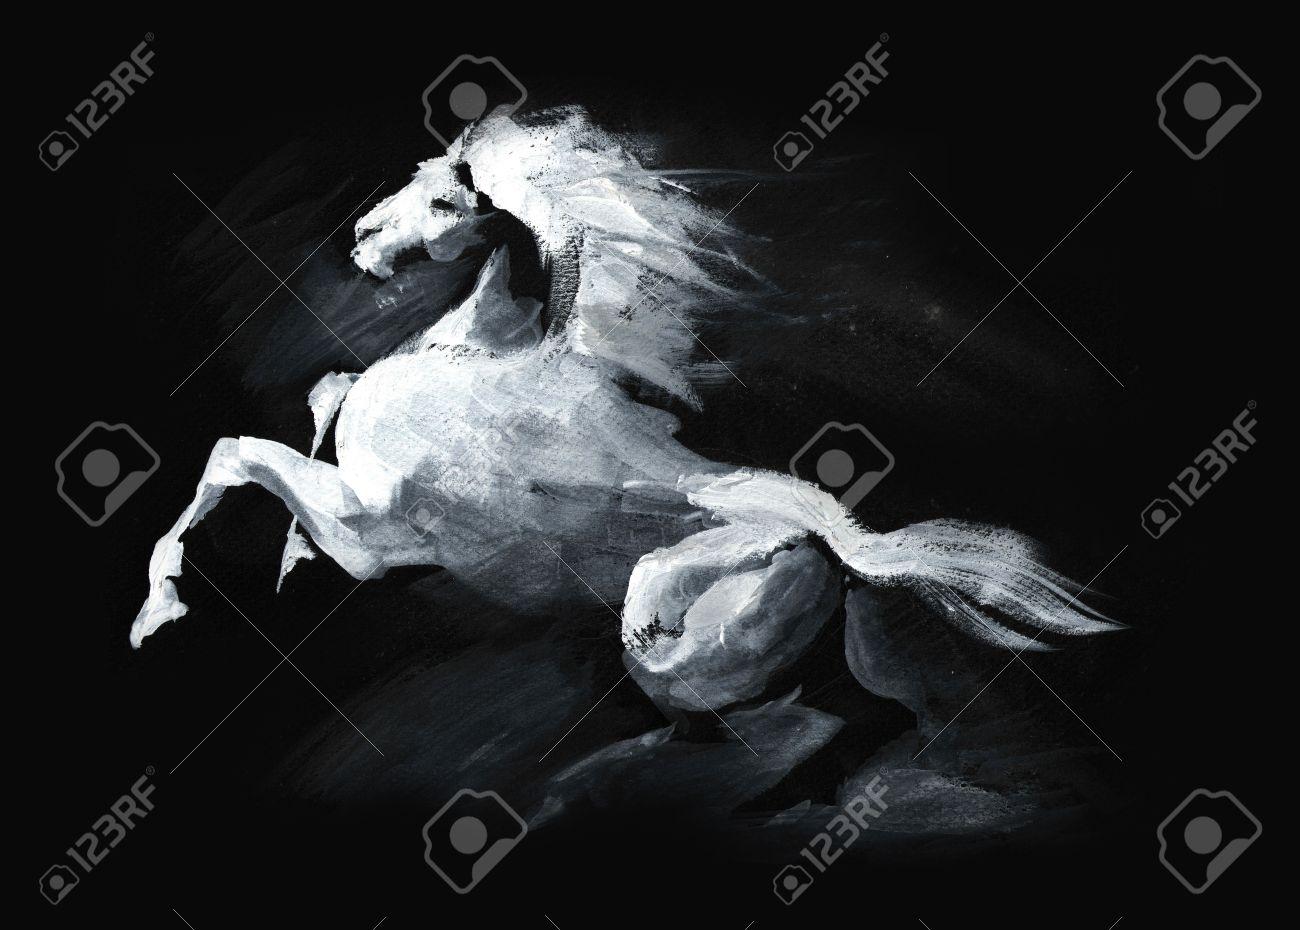 Fabelhaft Abbildung Der Weißen Lauf Pferd Auf Schwarzem Hintergrund #MJ_74